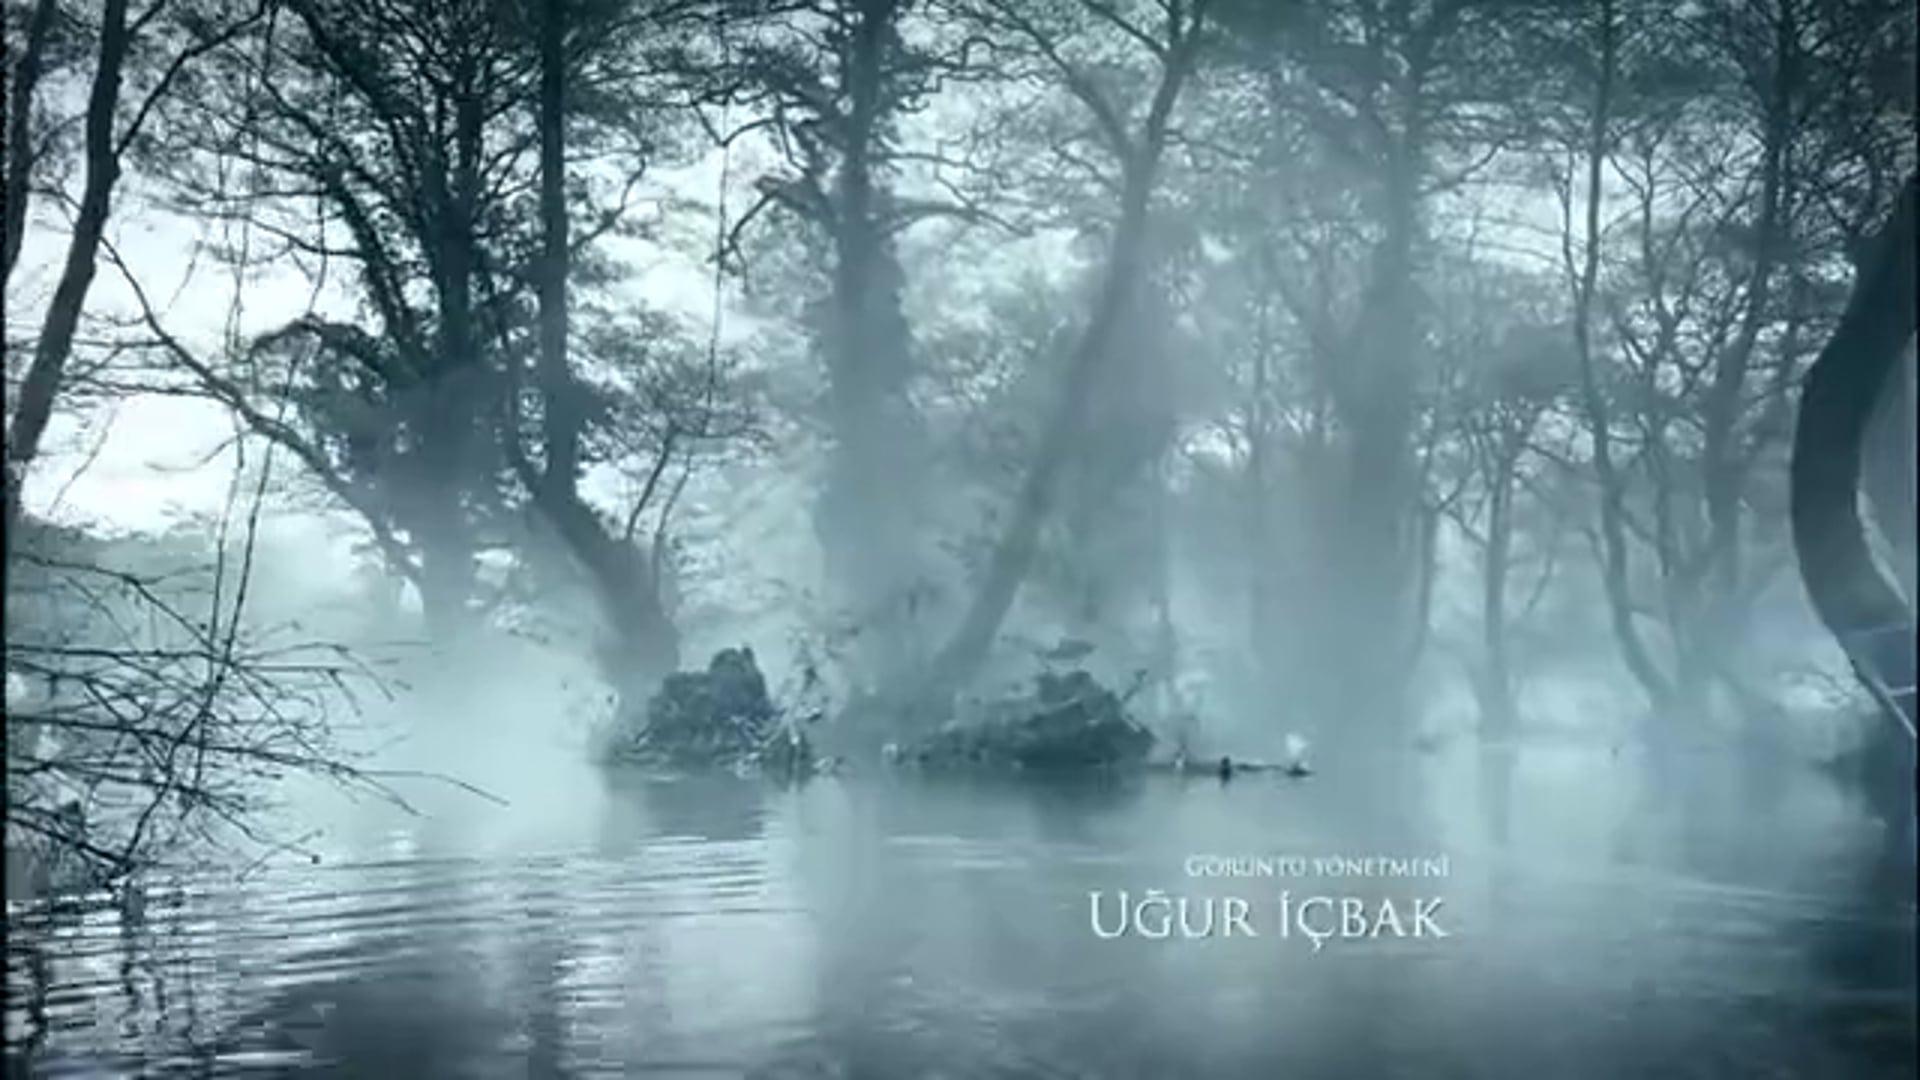 Ugur ICBAK DOP- Av Mevsimi Feature Film